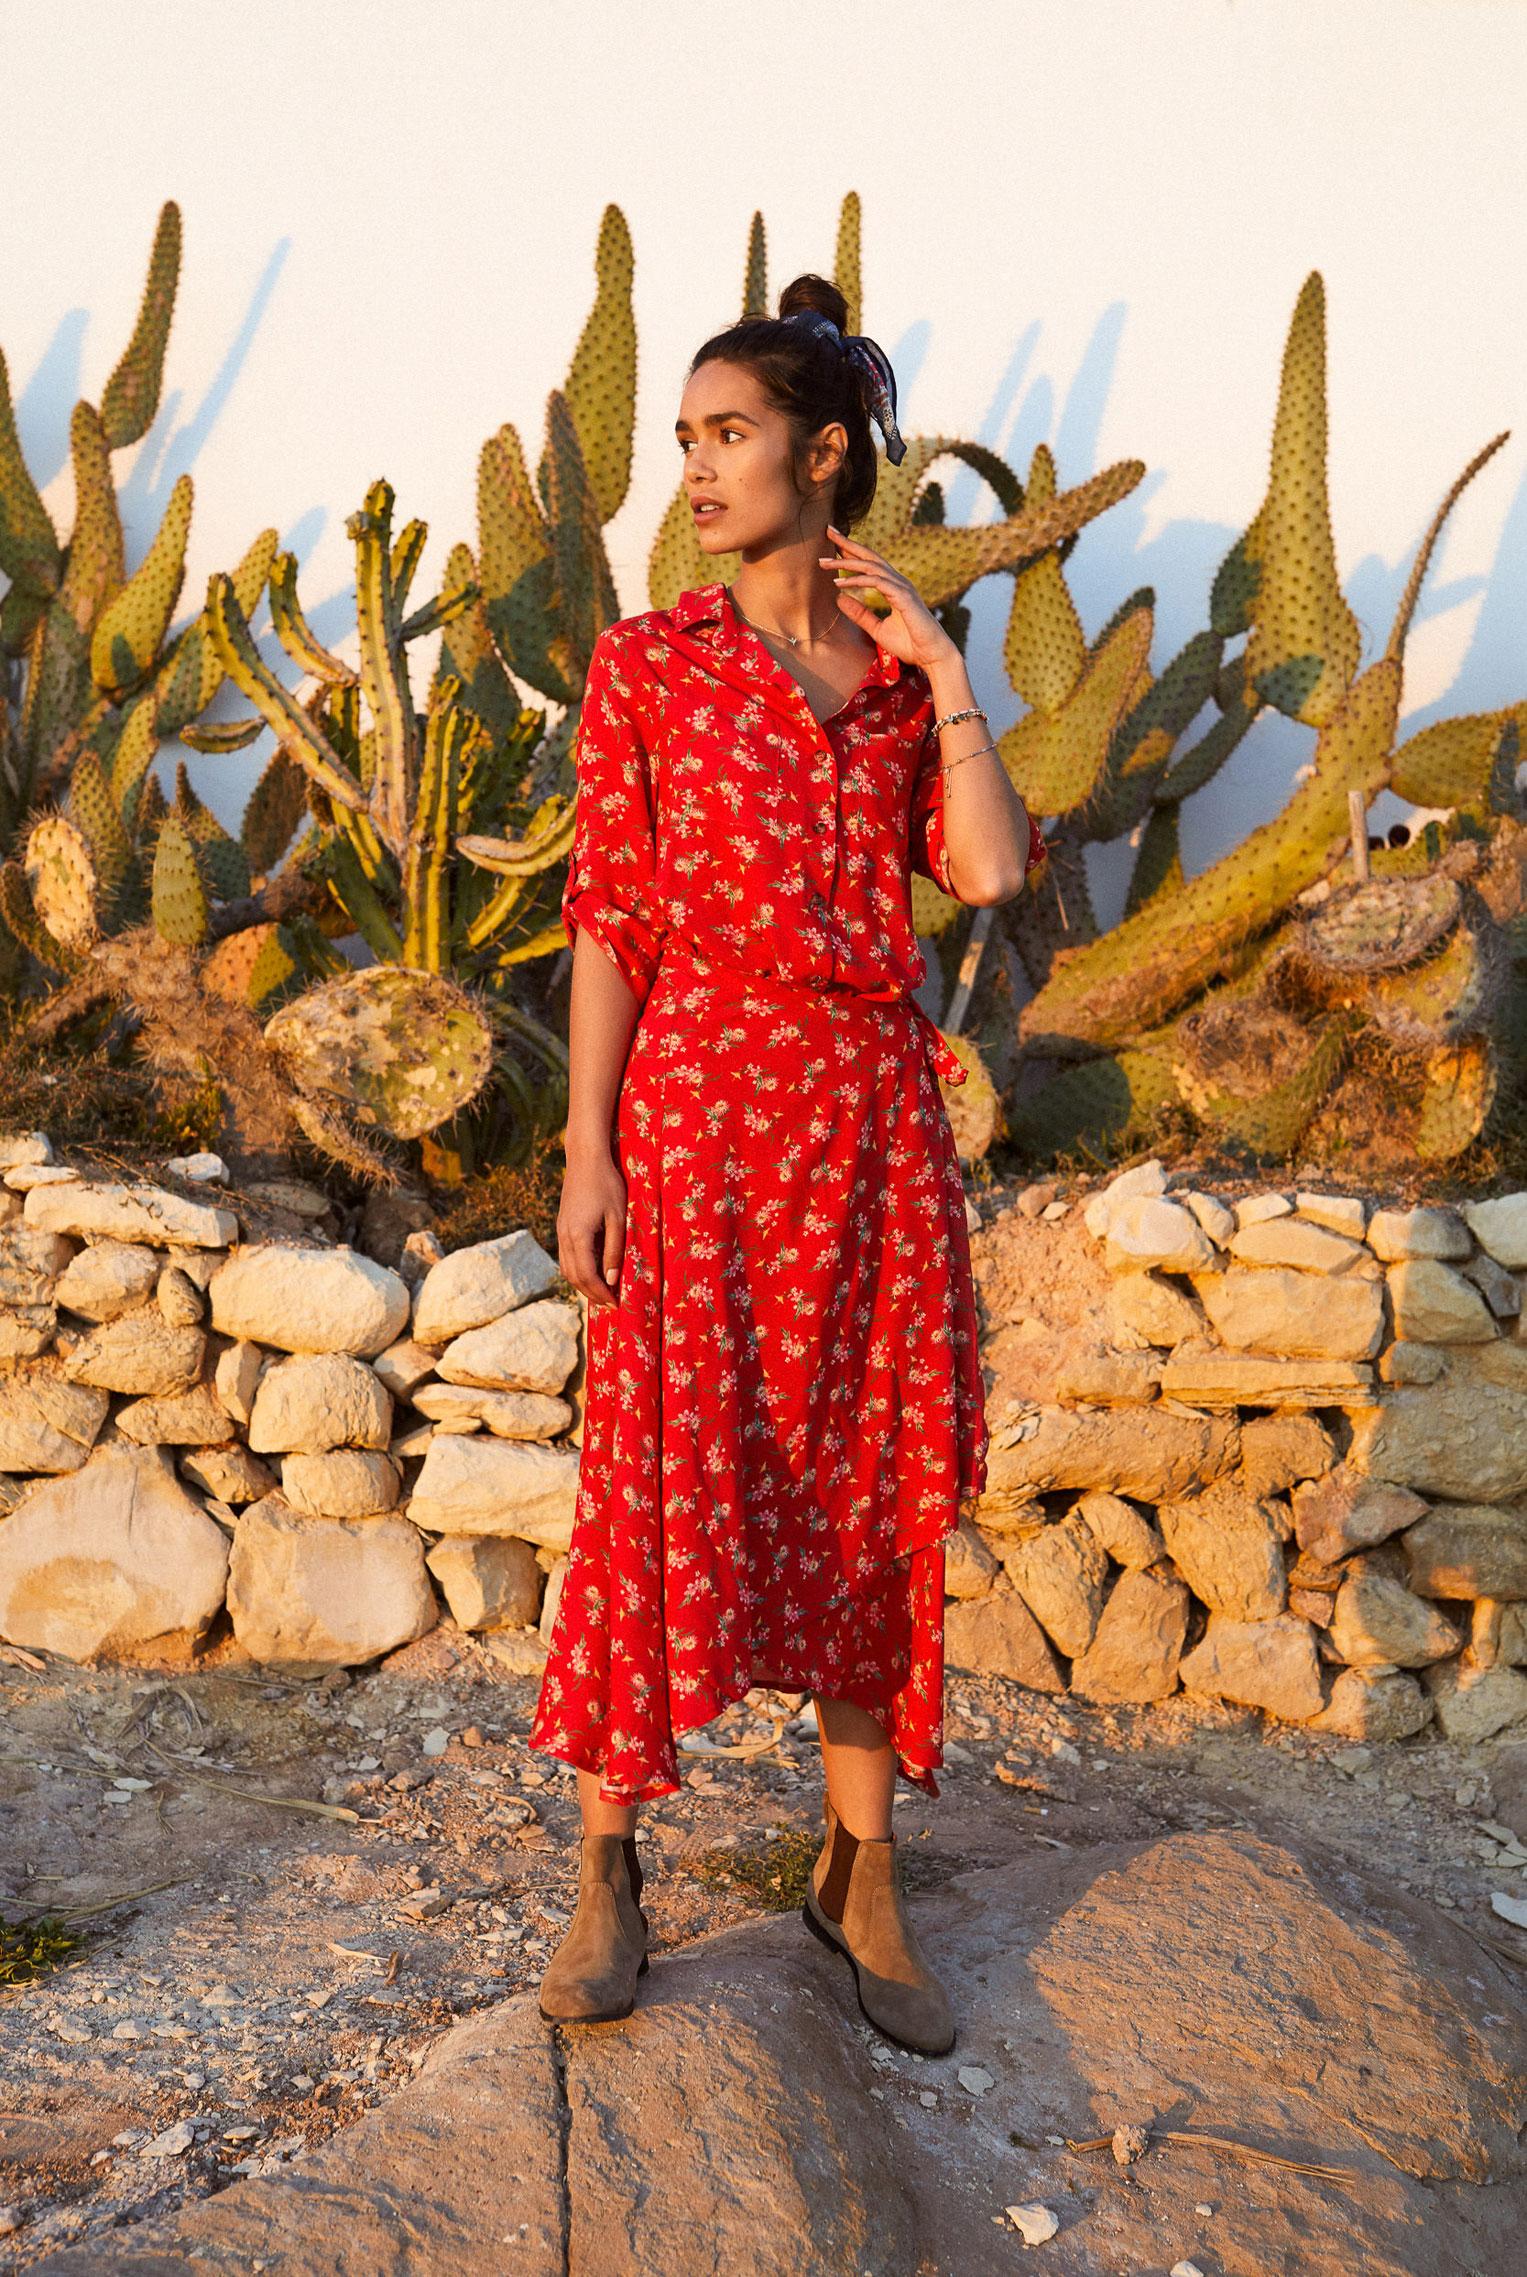 Наринэ Матецкая в модной одежде BananaMoon, коллекция осень/зима 2019/20 / фото 09